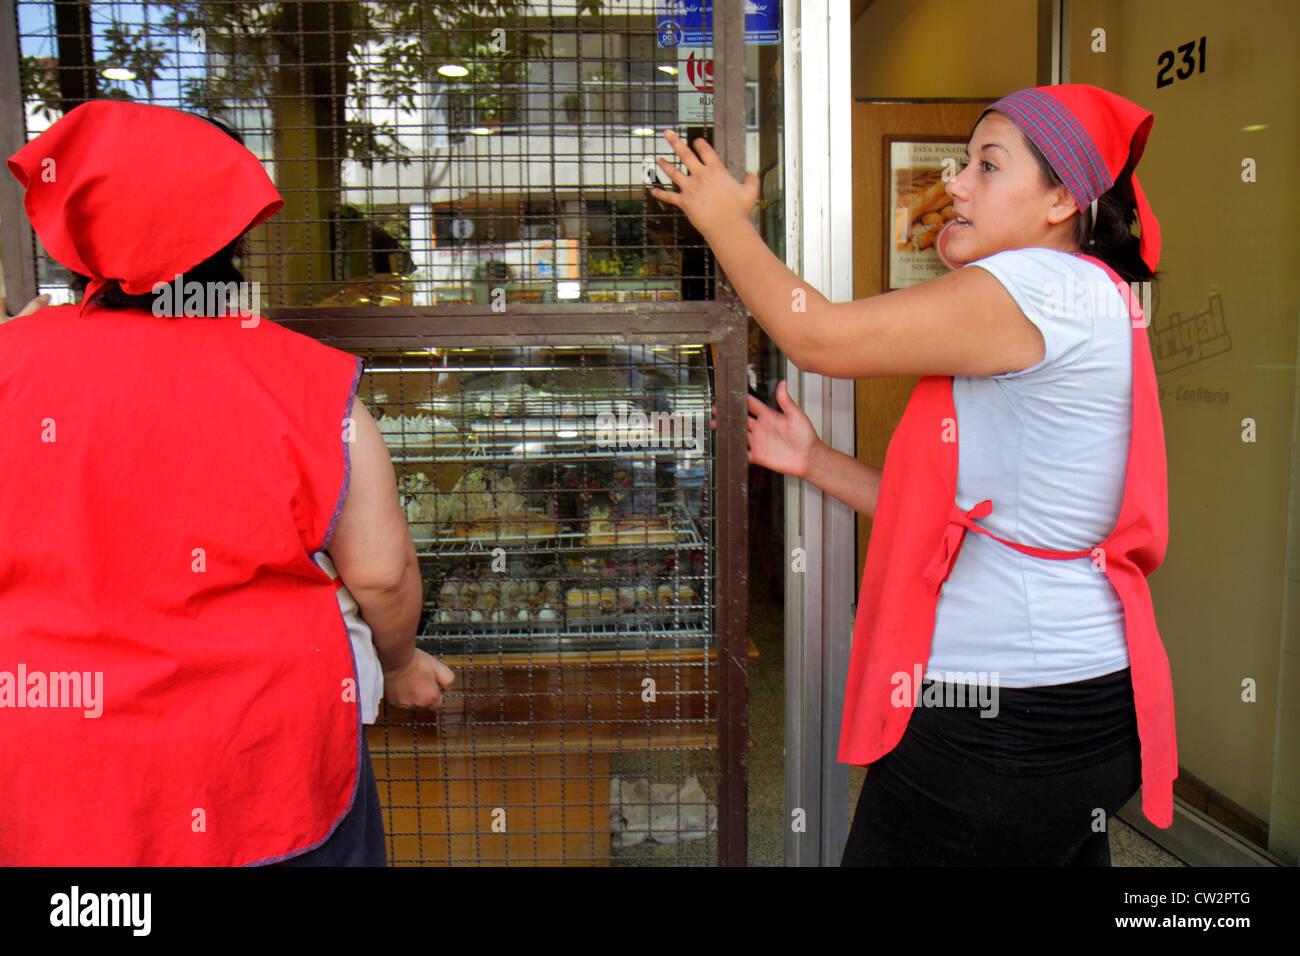 Mendoza Argentina Avenida España panadería ventana escaparate de rejilla de seguridad portátil empresarial Imagen De Stock